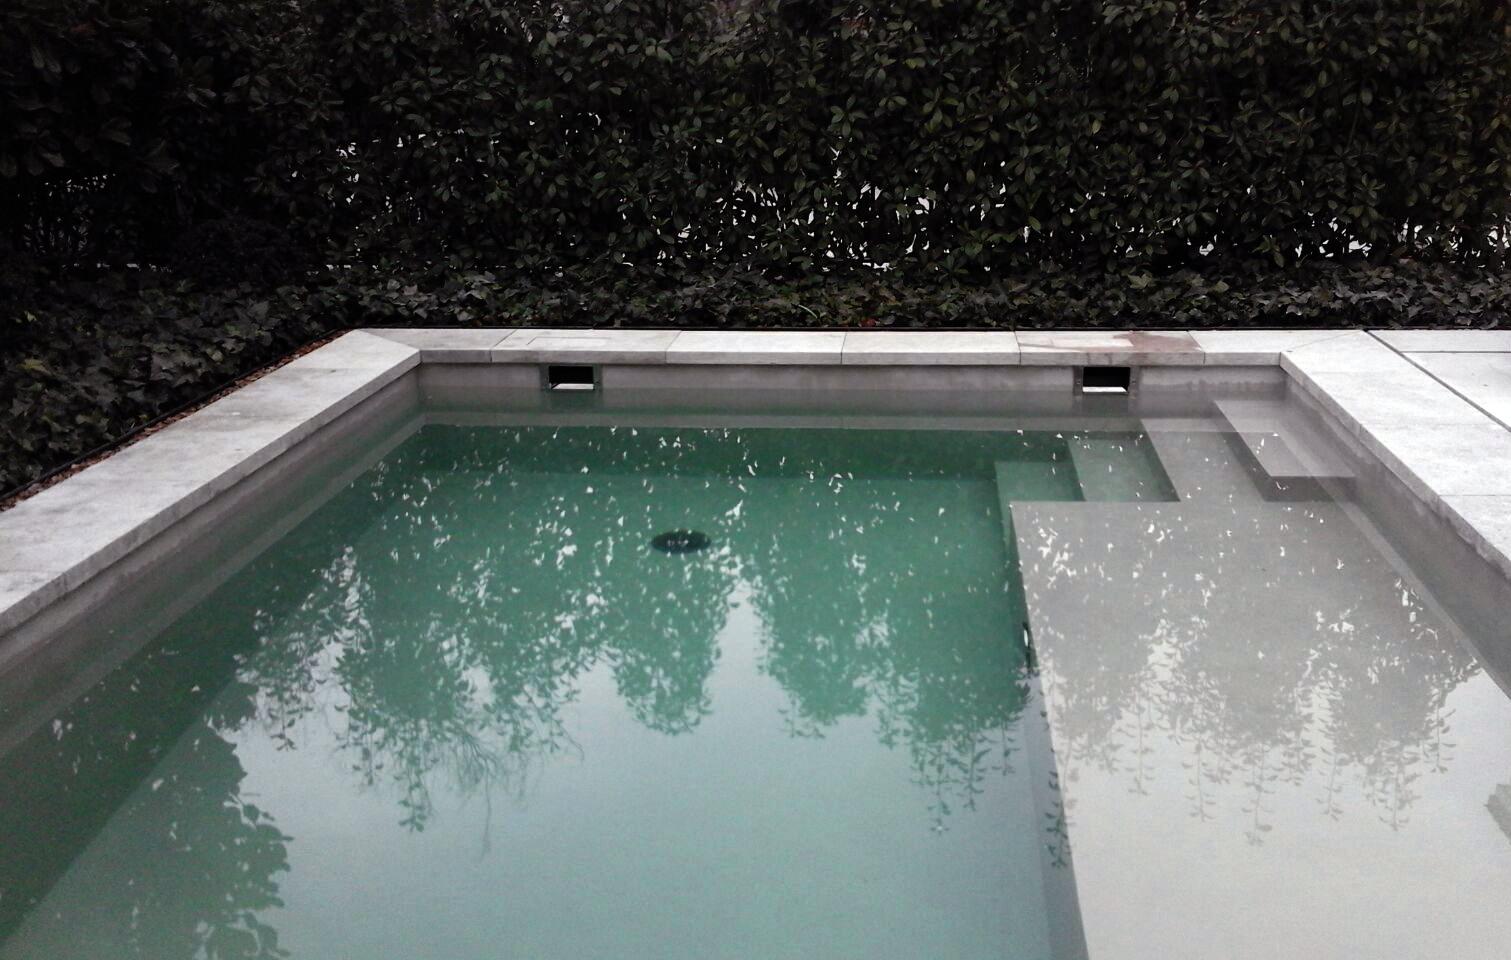 Izal paisajismo interiorismo y piscinas empresa de for Construccion piscinas madrid